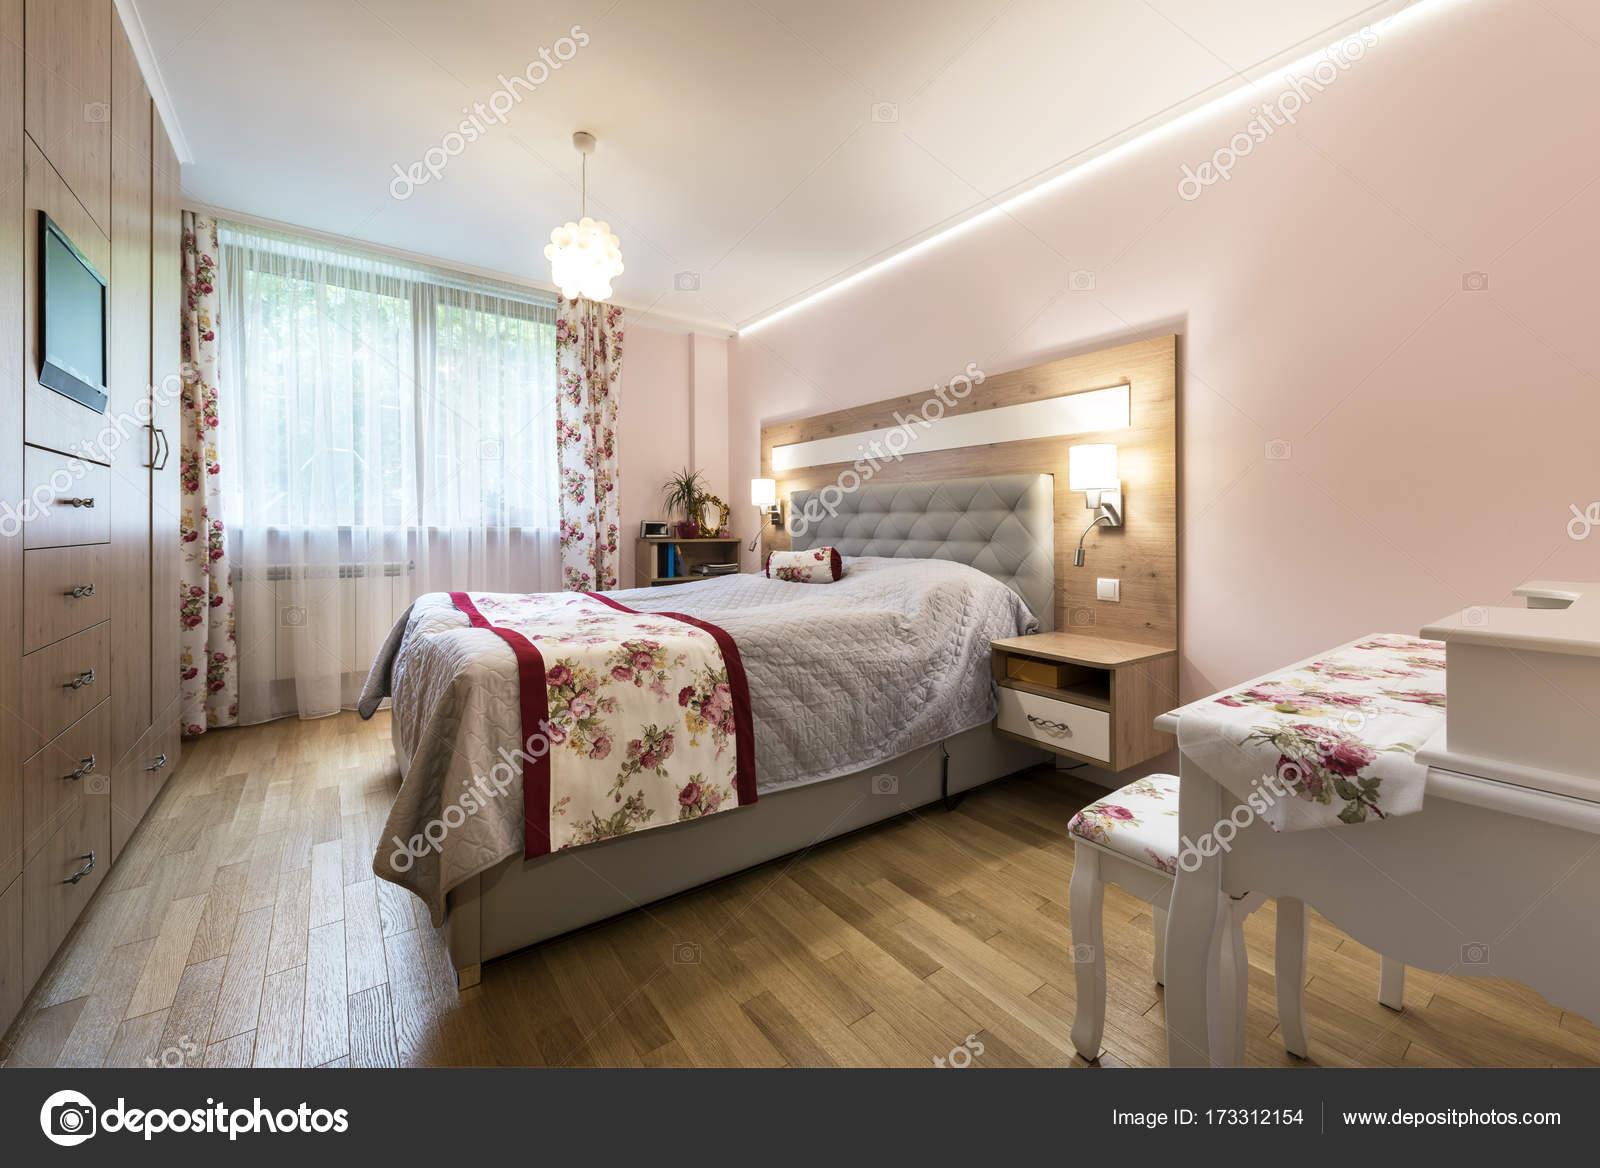 Diseño de interiores de dormitorios con estilo — Foto de stock ...